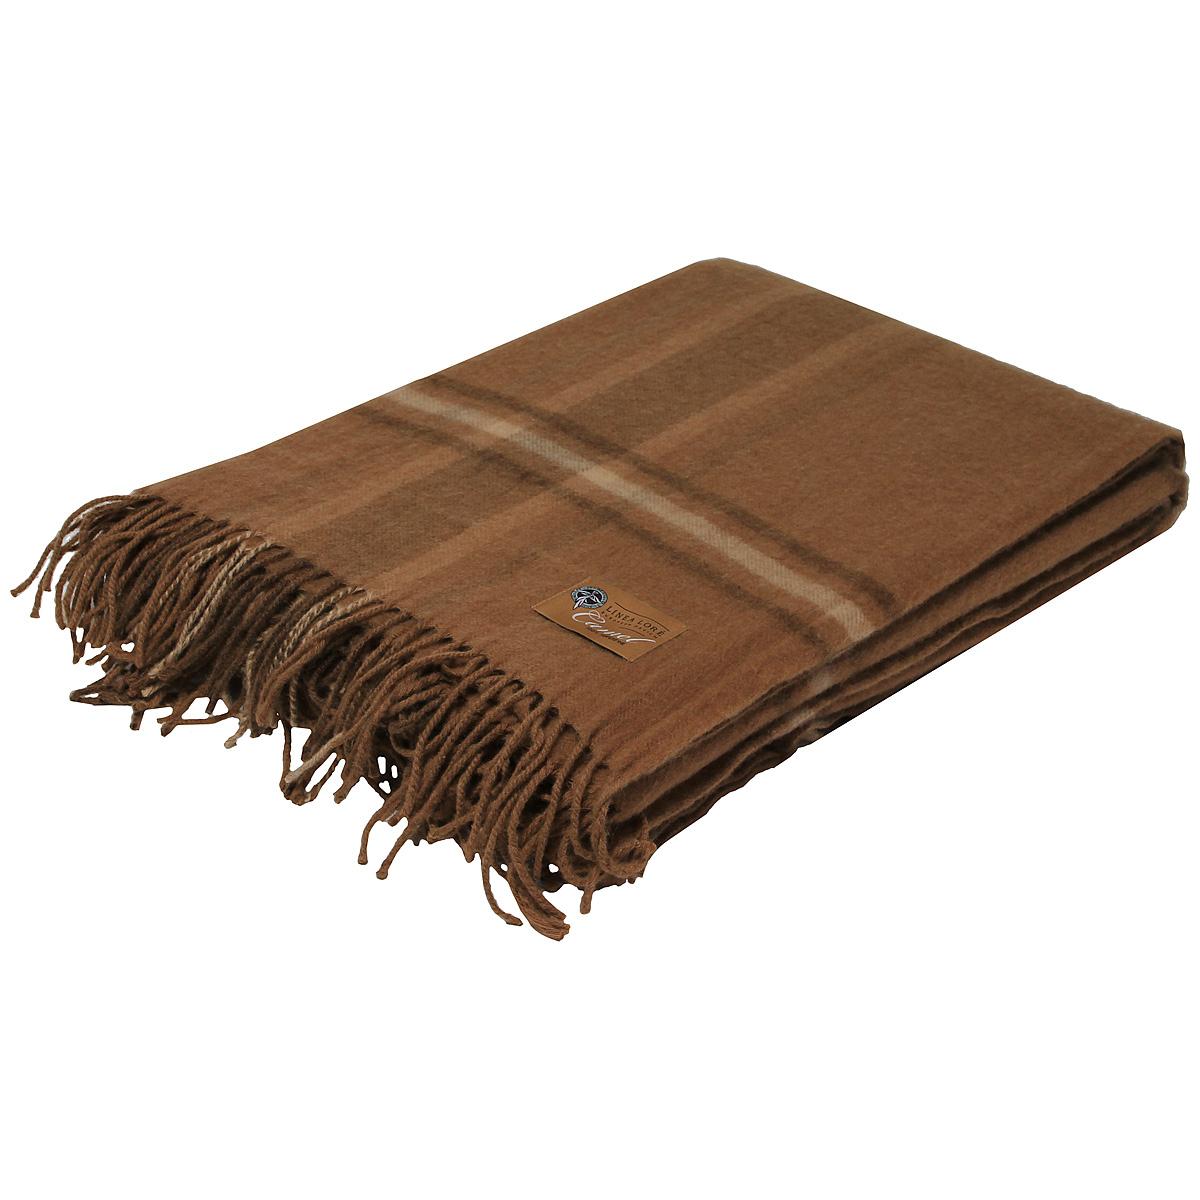 Плед Chingiz Khan, 140 х 200 см 1-331-140_051-331-140_05Мягкий плед Chingiz Khan, выполненный из сверхтонкой верблюжьей пуховой шерсти, добавит комнате уюта и согреет в прохладные дни. Удобный размер этого очаровательного пледа позволит использовать его и как одеяло, и как покрывало для кресла или софы. Такое теплое украшение может стать отличным подарком друзьям и близким! Под шерстяным пледом вам никогда не станет жарко или холодно, он помогает поддерживать постоянную температуру тела. Шерсть обладает прекрасной воздухопроницаемостью, она поглощает и нейтрализует вредные вещества и славится своими целебными свойствами. Плед из шерсти станет лучшим лекарством для людей, страдающих ревматизмом, радикулитом, головными и мышечными болями, сердечно-сосудистыми заболеваниями и нарушениями кровообращения. Шерсть не электризуется. Она прочна, износостойка, долговечна. Наконец, шерсть просто приятна на ощупь, ее мягкость и фактура вызывают потрясающие тактильные ощущения! Характеристики: Материал: 100% сверхтонкая...